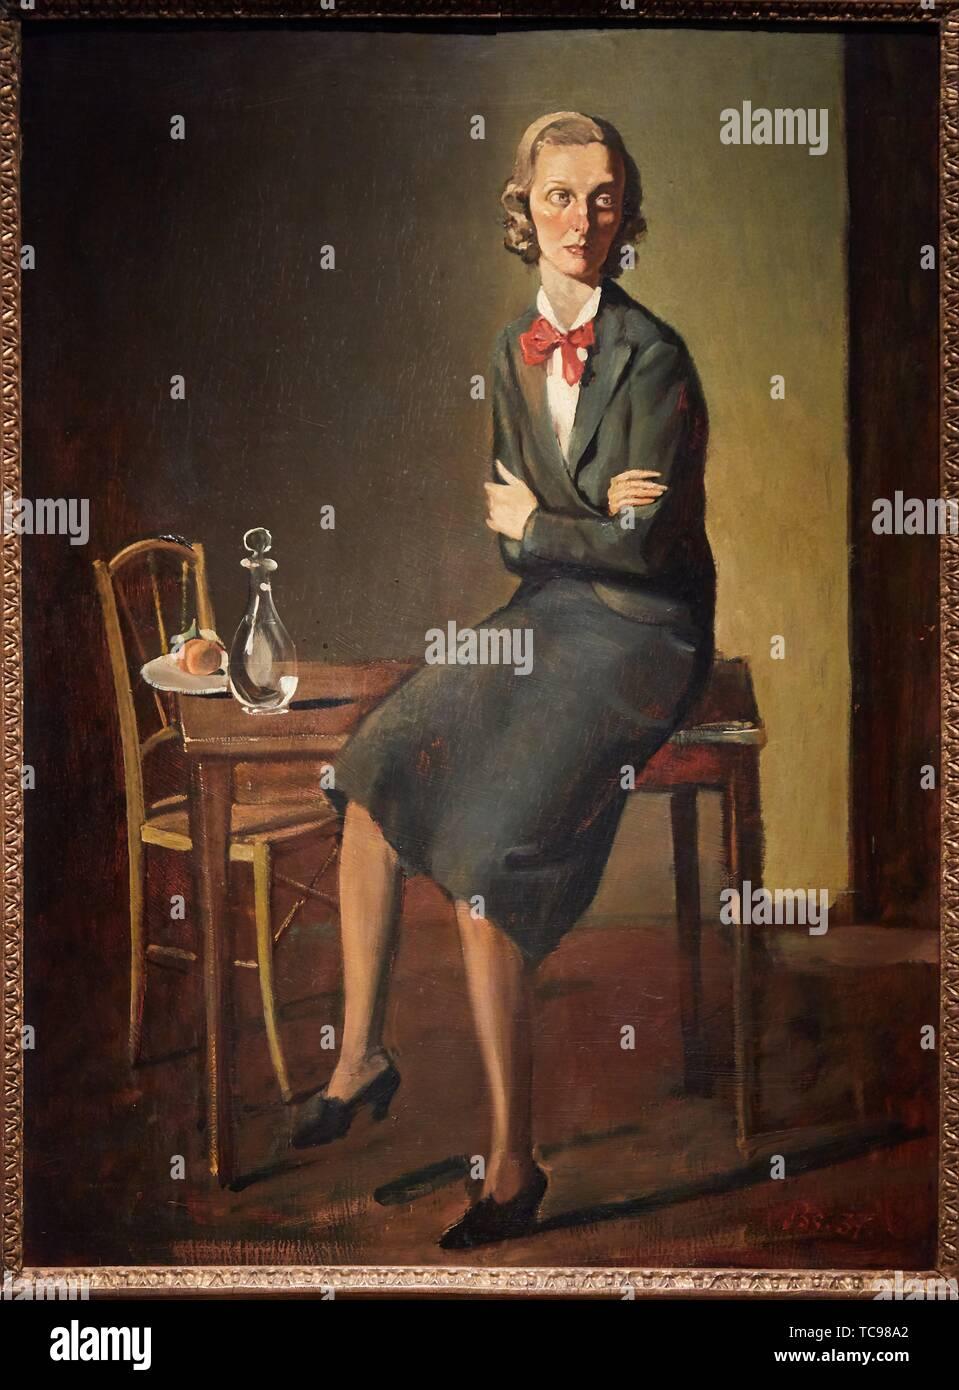 '''Ritratto di Signora Paolo Cooley'' 1937, Balthus, Museo Thyssen Bornemisza, Madrid, Spagna, Europa Immagini Stock